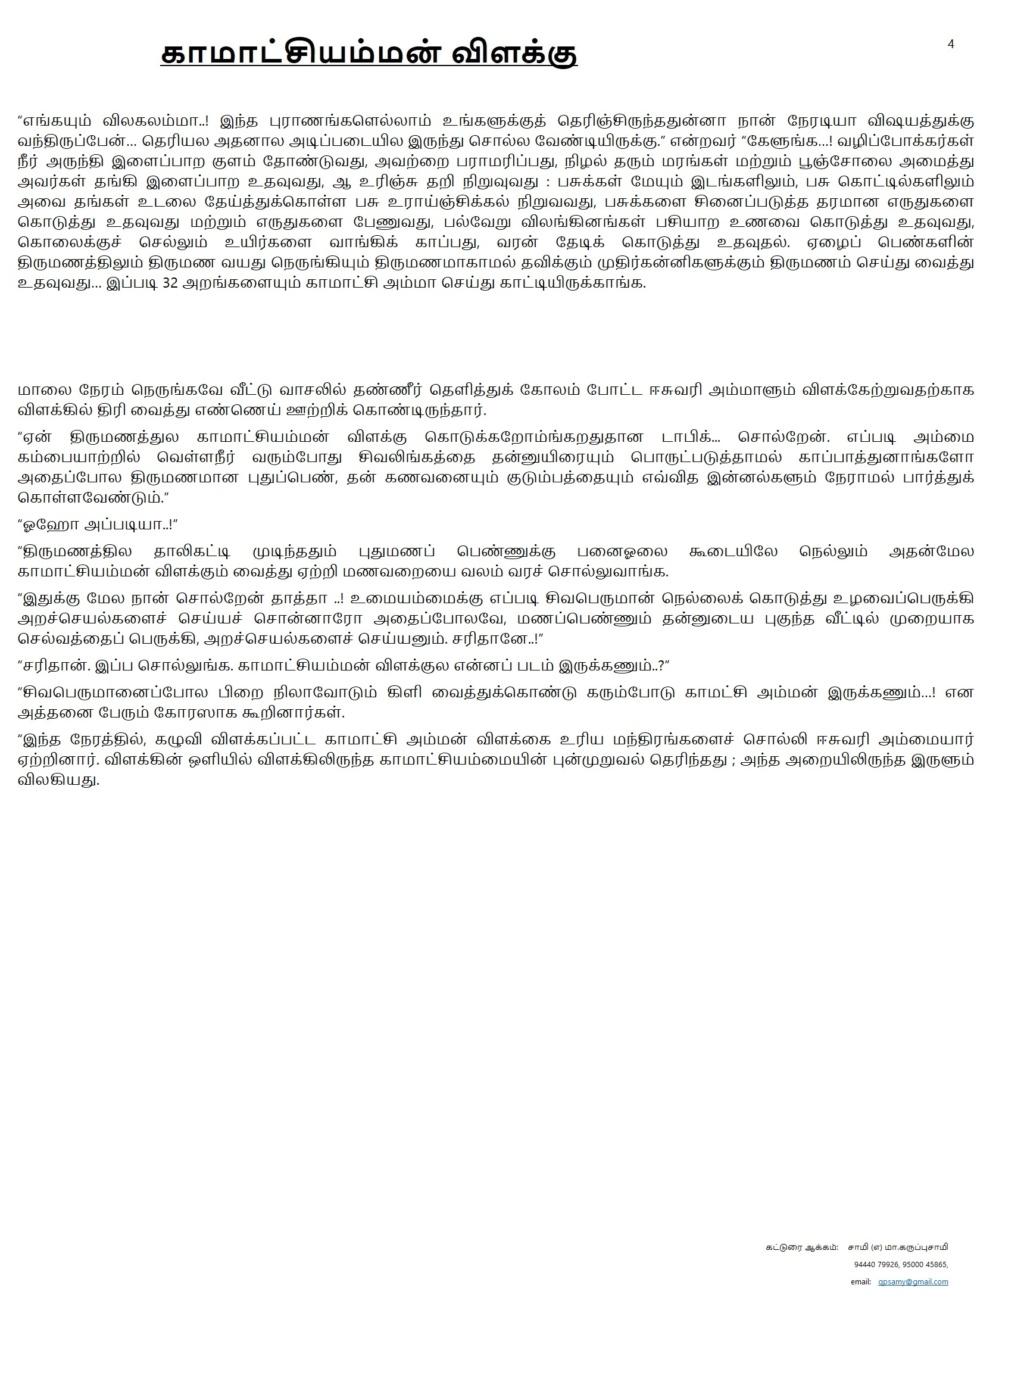 காமாட்சியம்மன் விளக்கு Kv0410